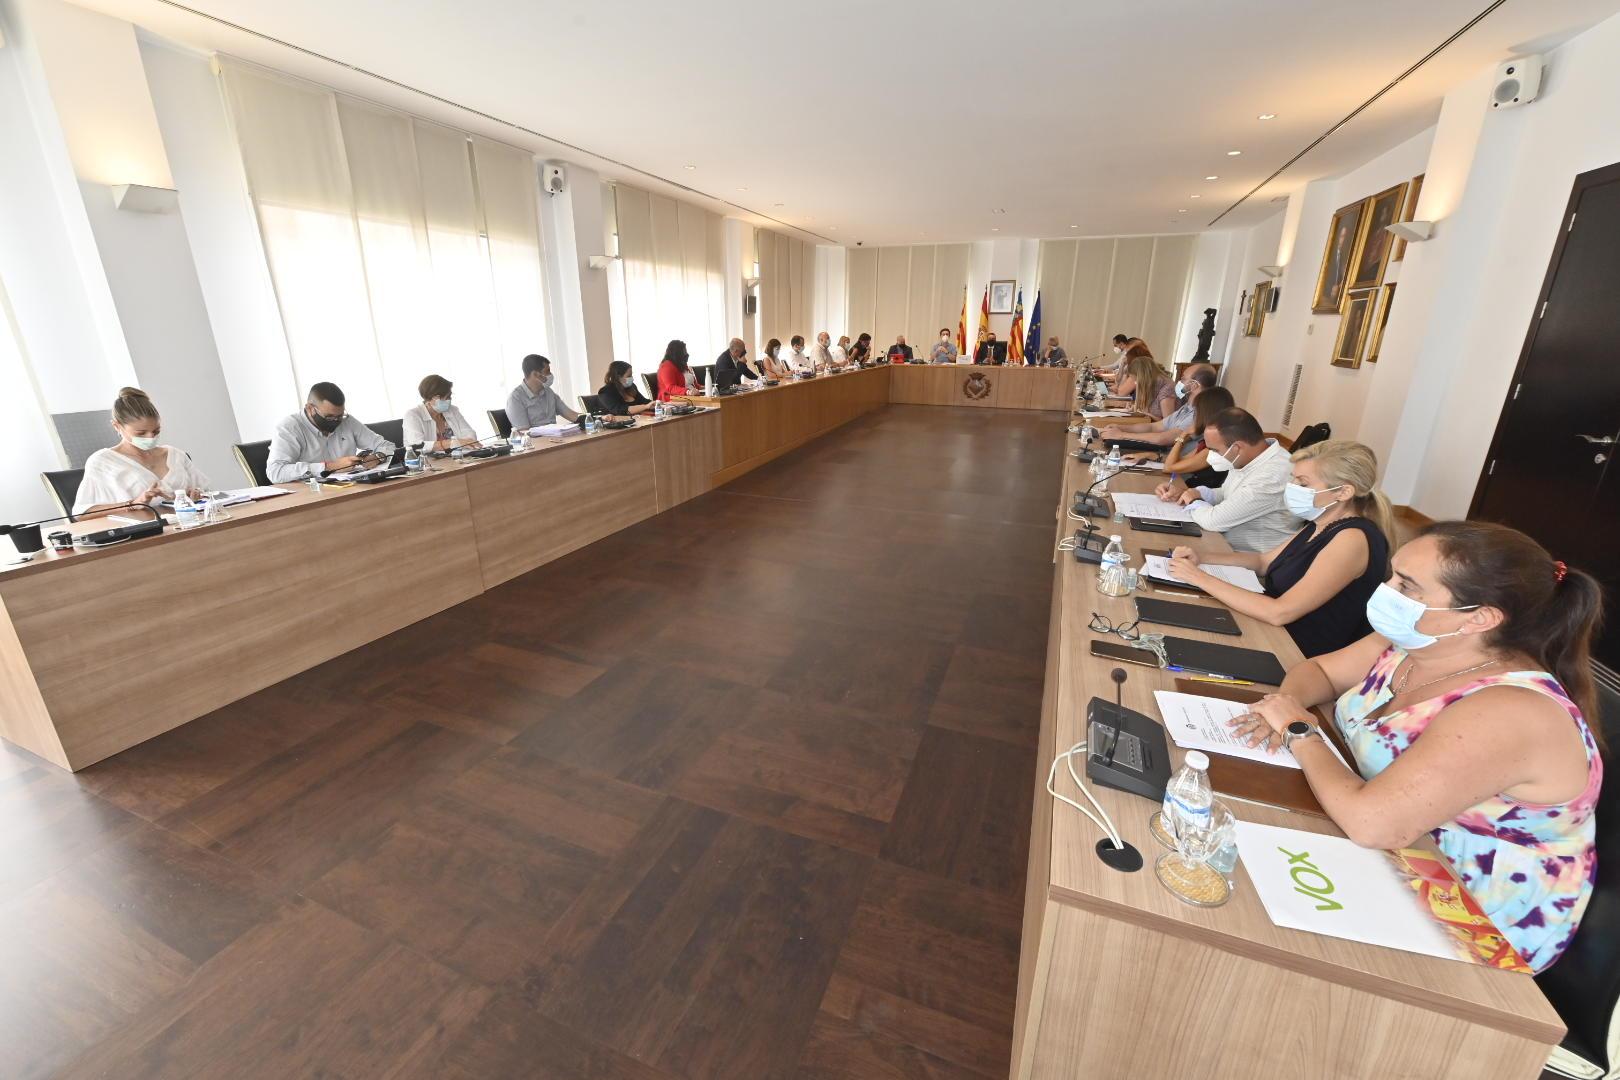 El Pleno de Vila-real adjudica por unanimidad el contrato de autobús urbano gratuito para un servicio más moderno y sostenible